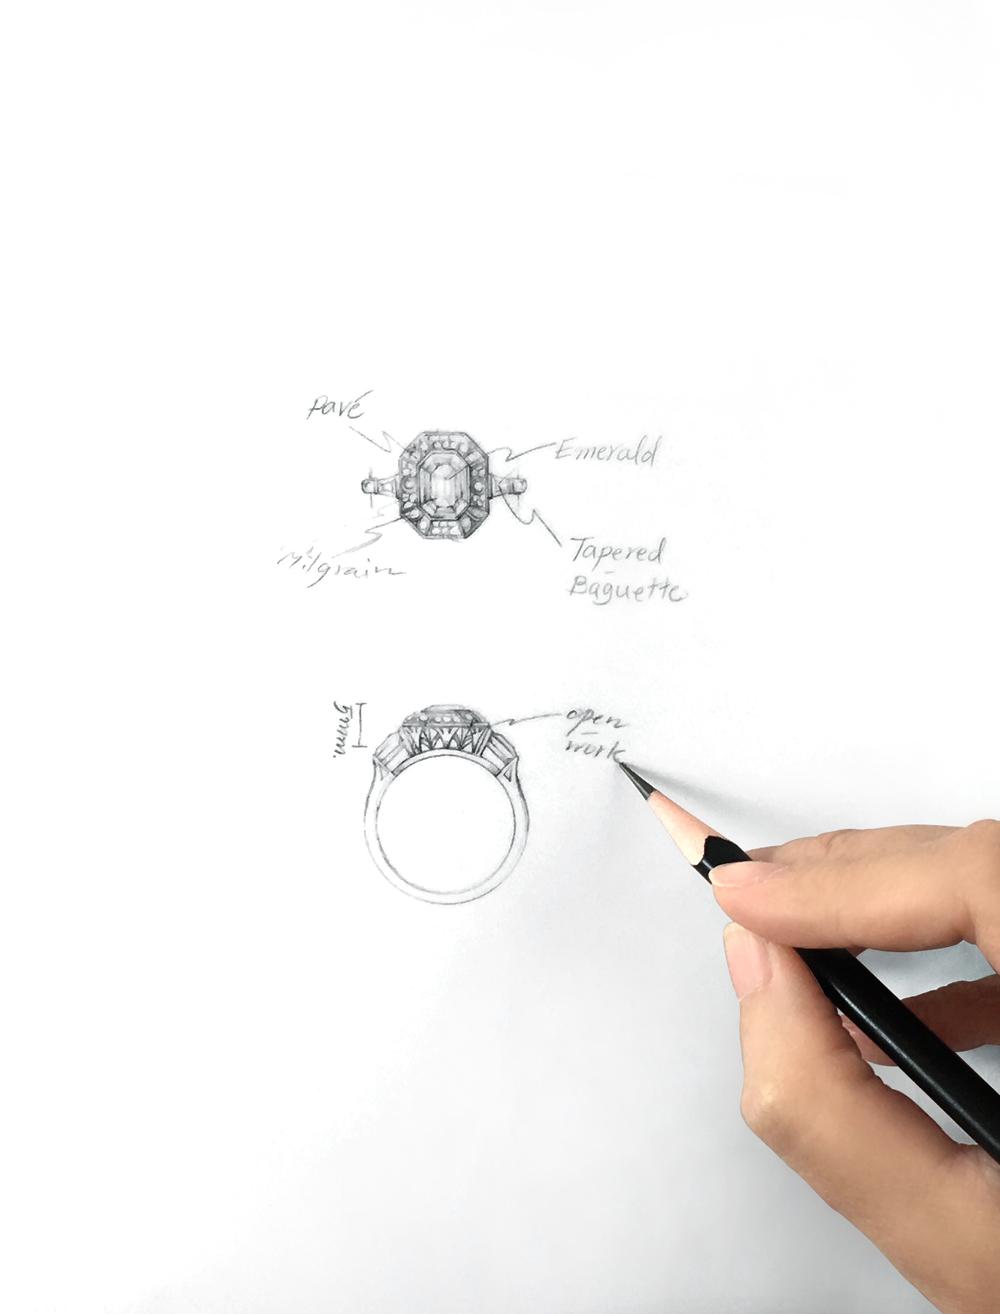 Design sketch by Verda & Floren